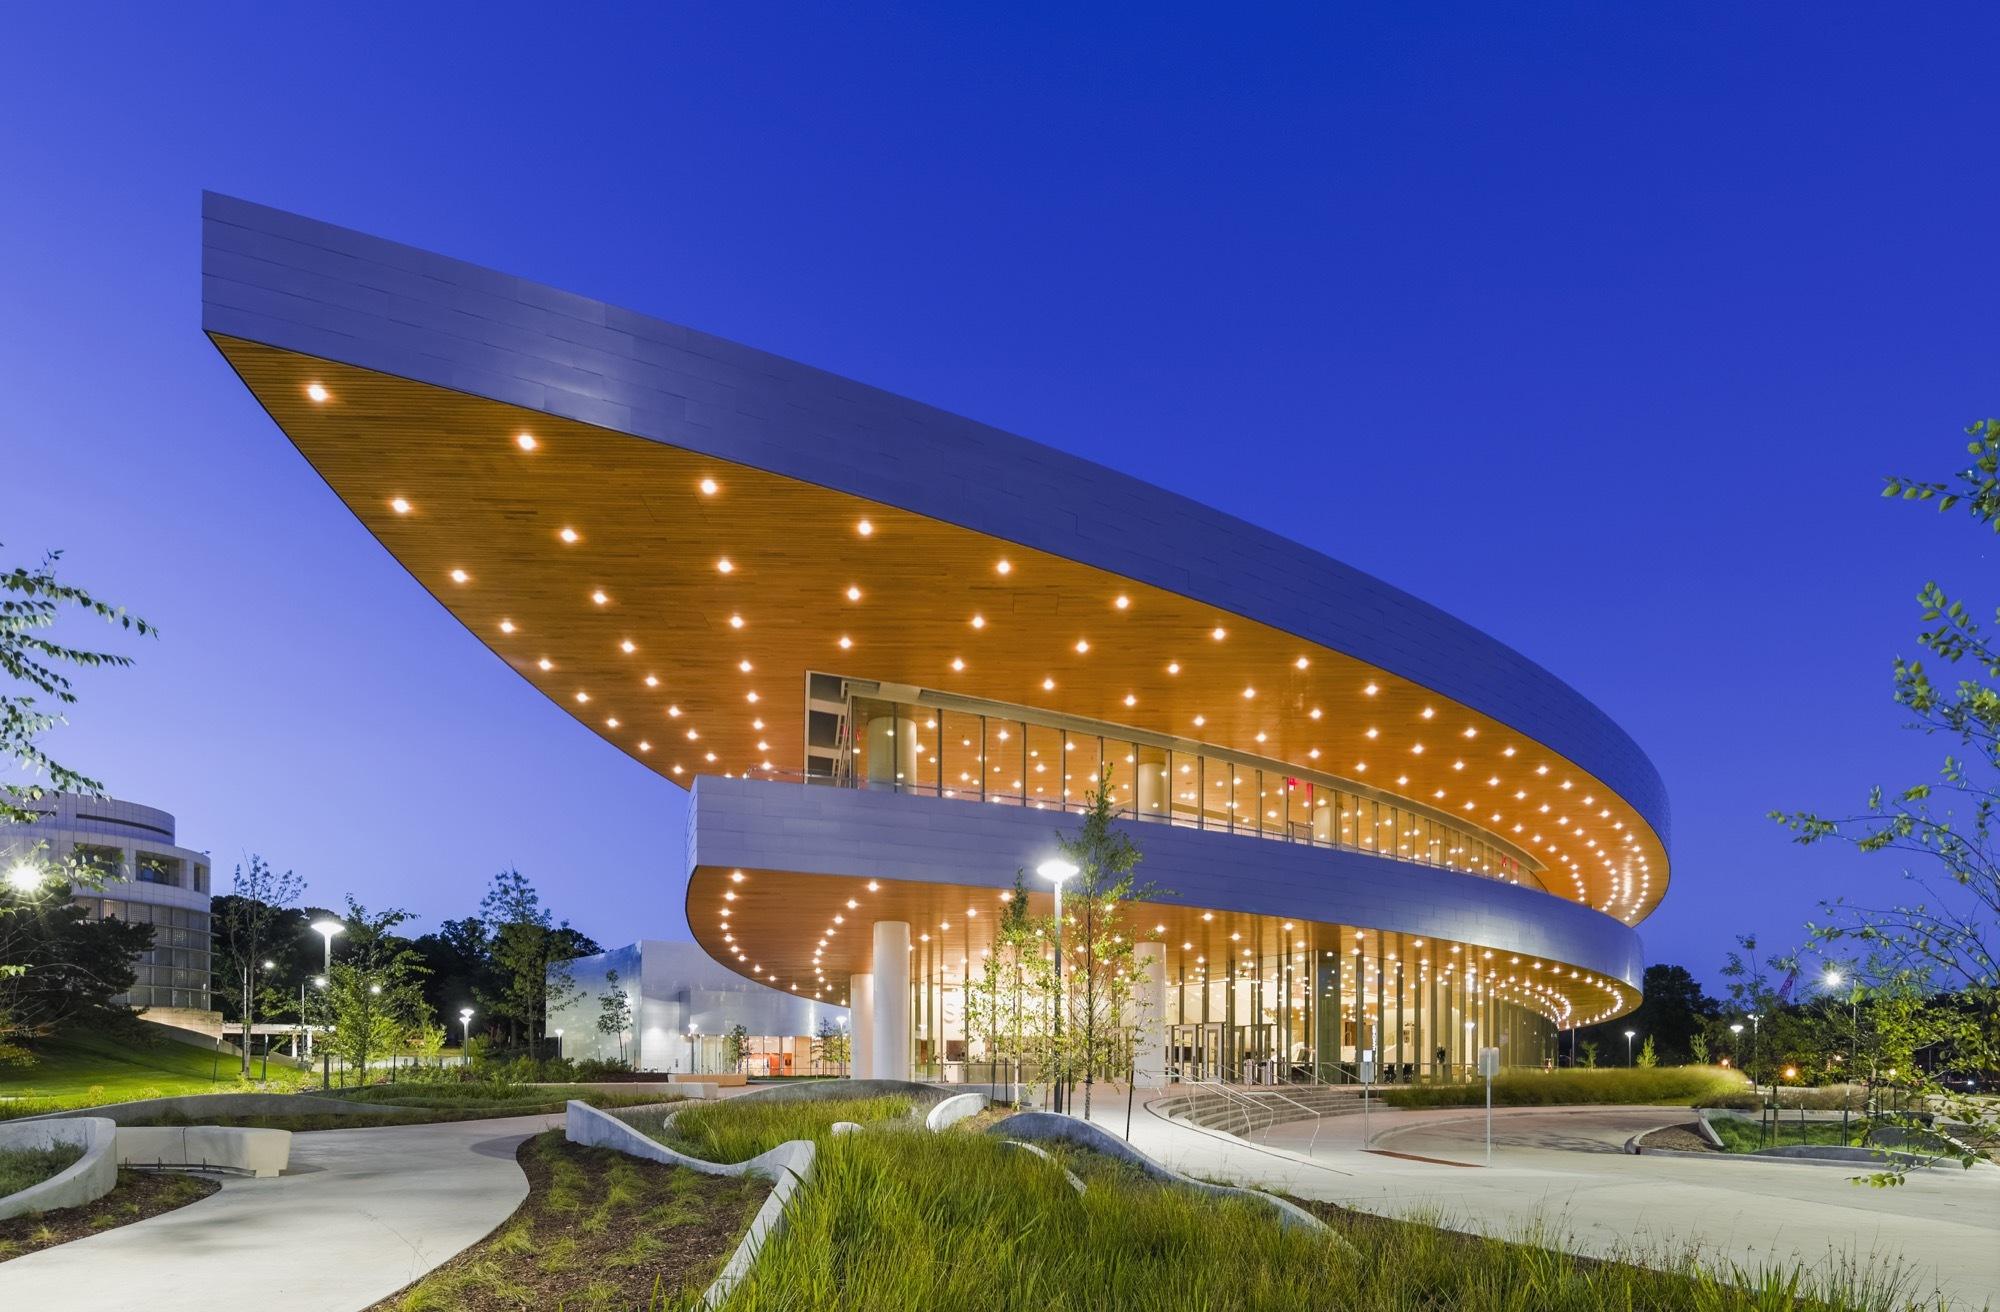 Art Center Of Design South Ccampus